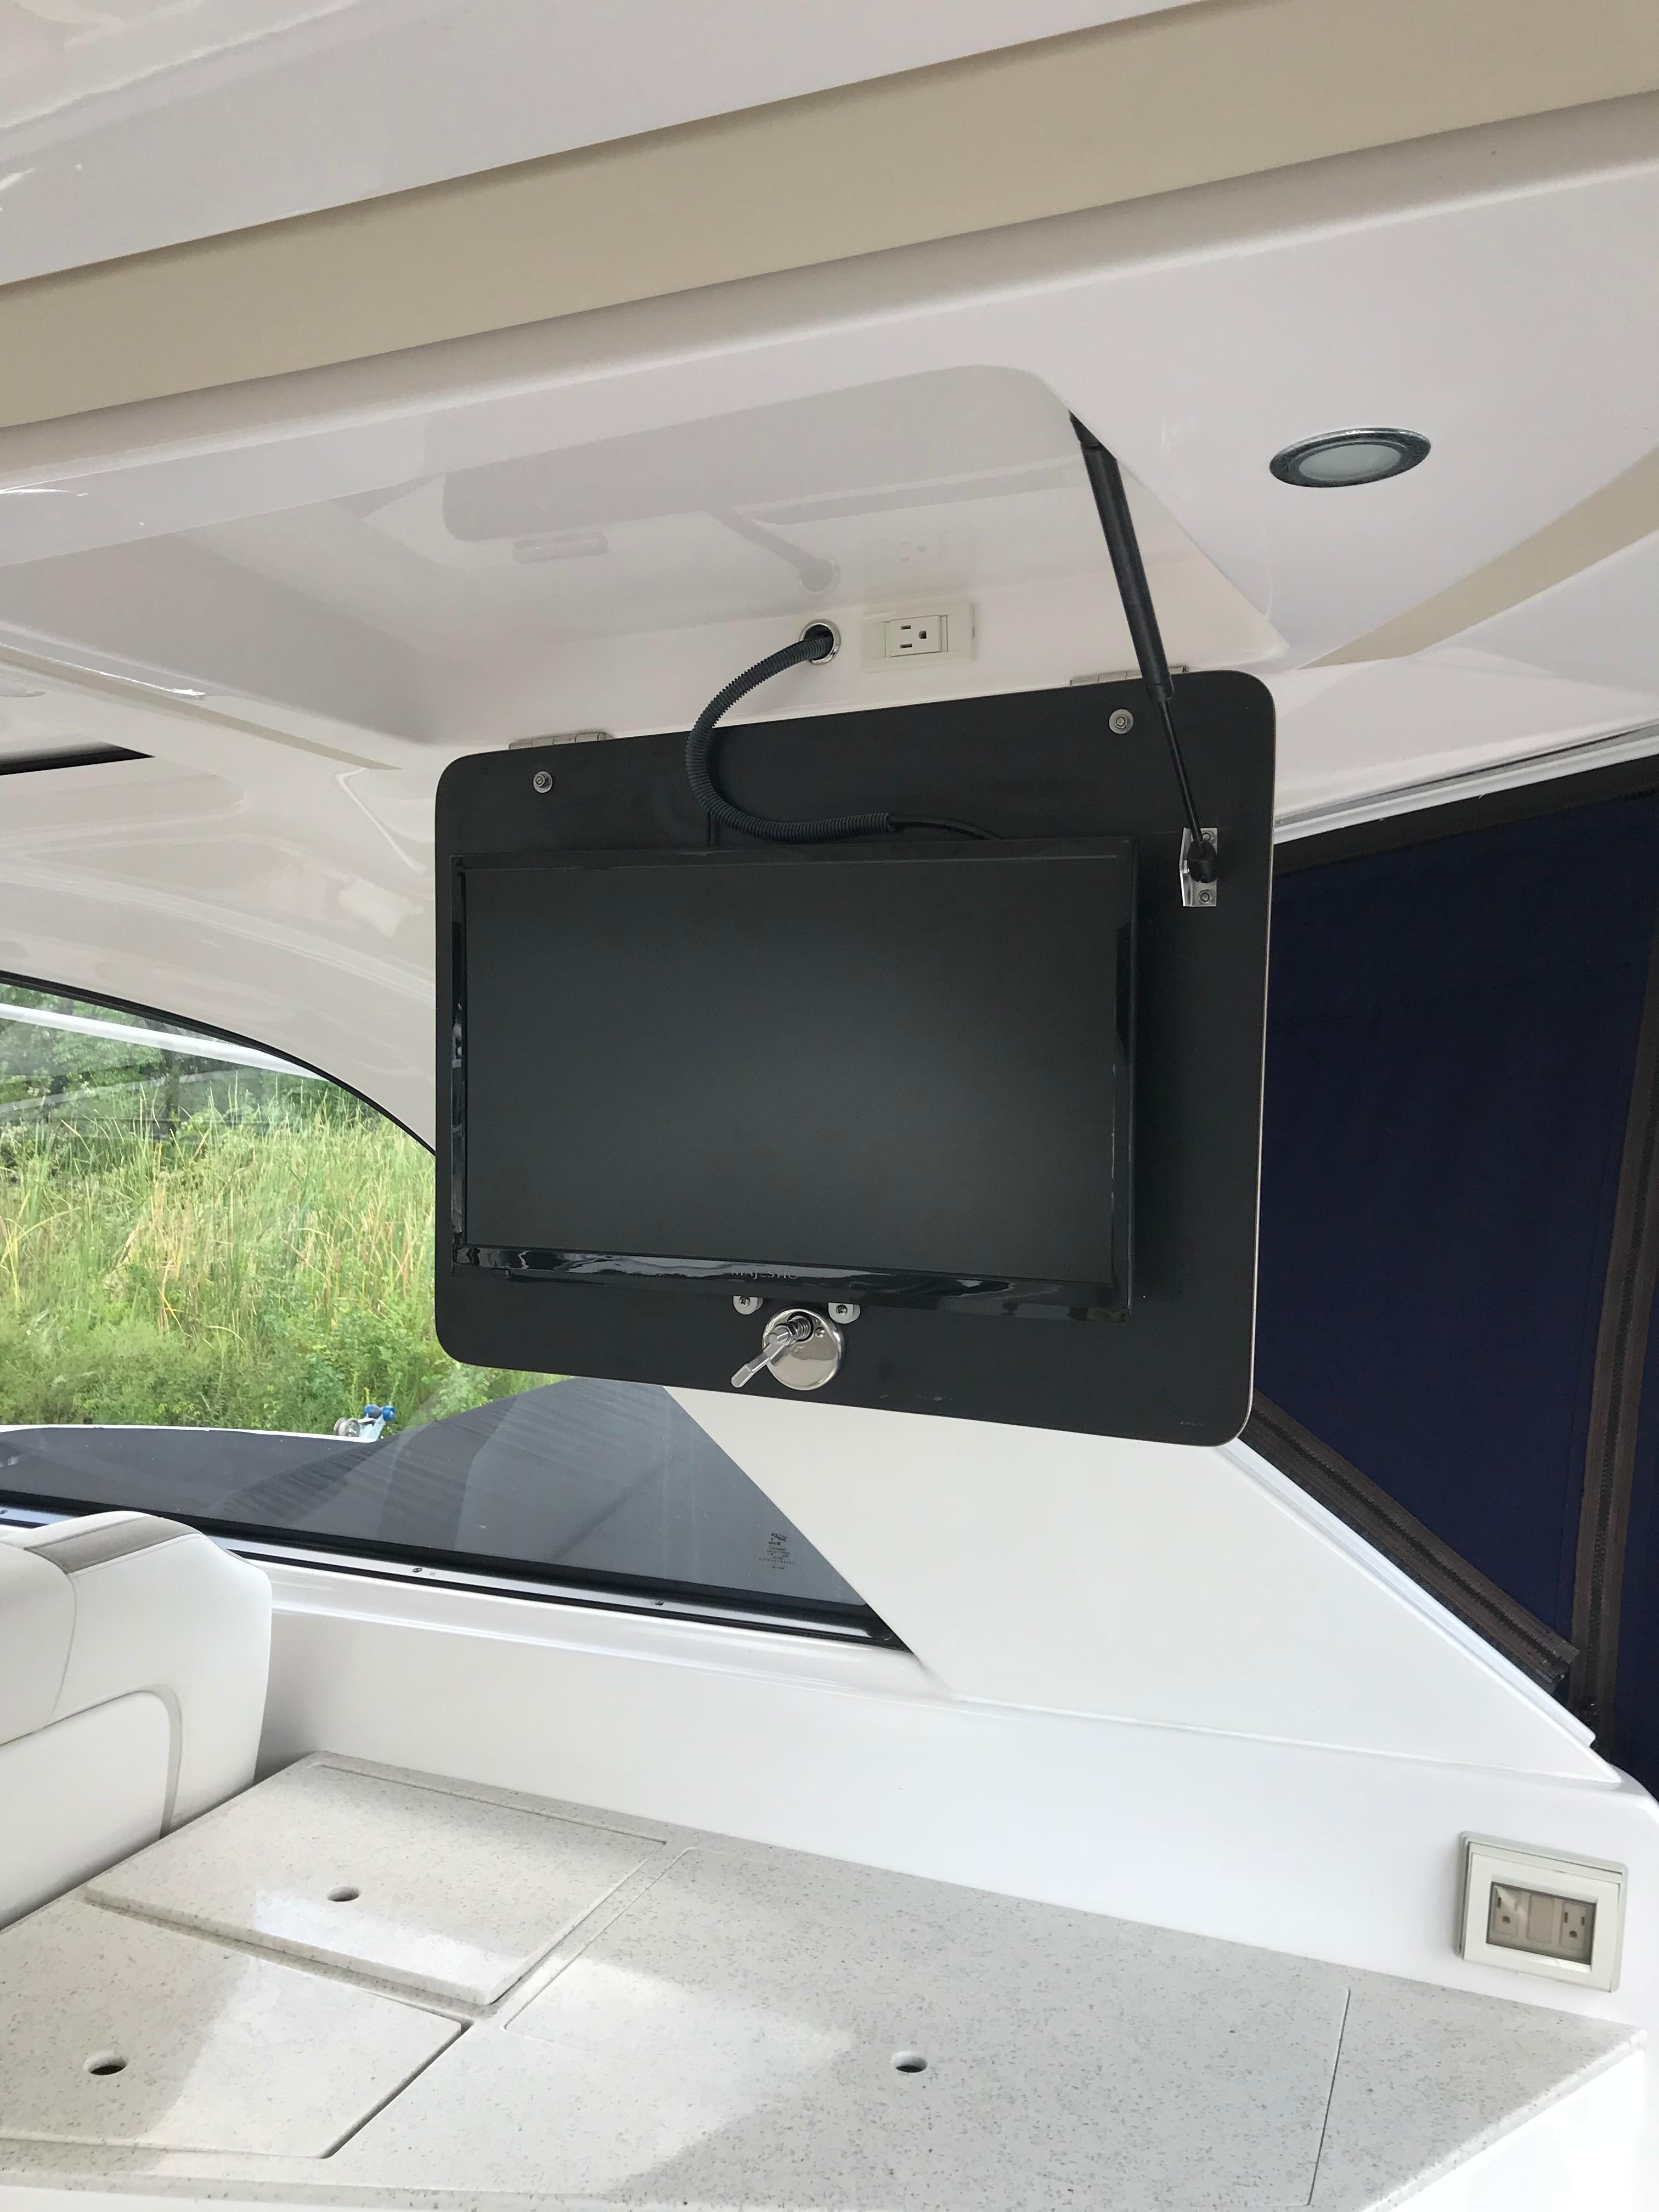 Regal 35 Sport Coupe - Drop Down Flat Screen TV over Wet Bar